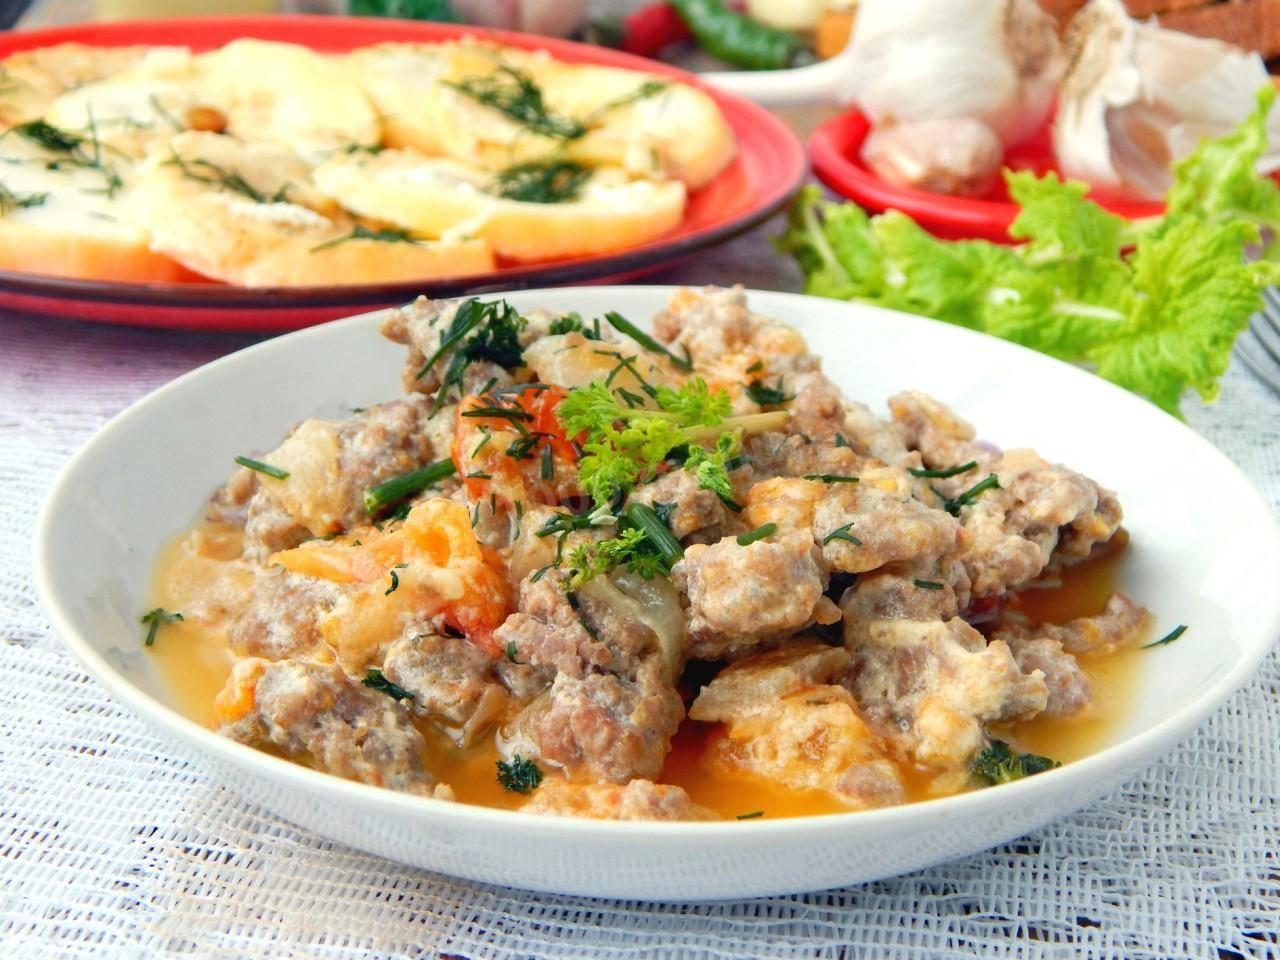 Фрикадельки в томатном соусе со сметаной, чесноком, фасолью - рецепты для духовки и мультиварки